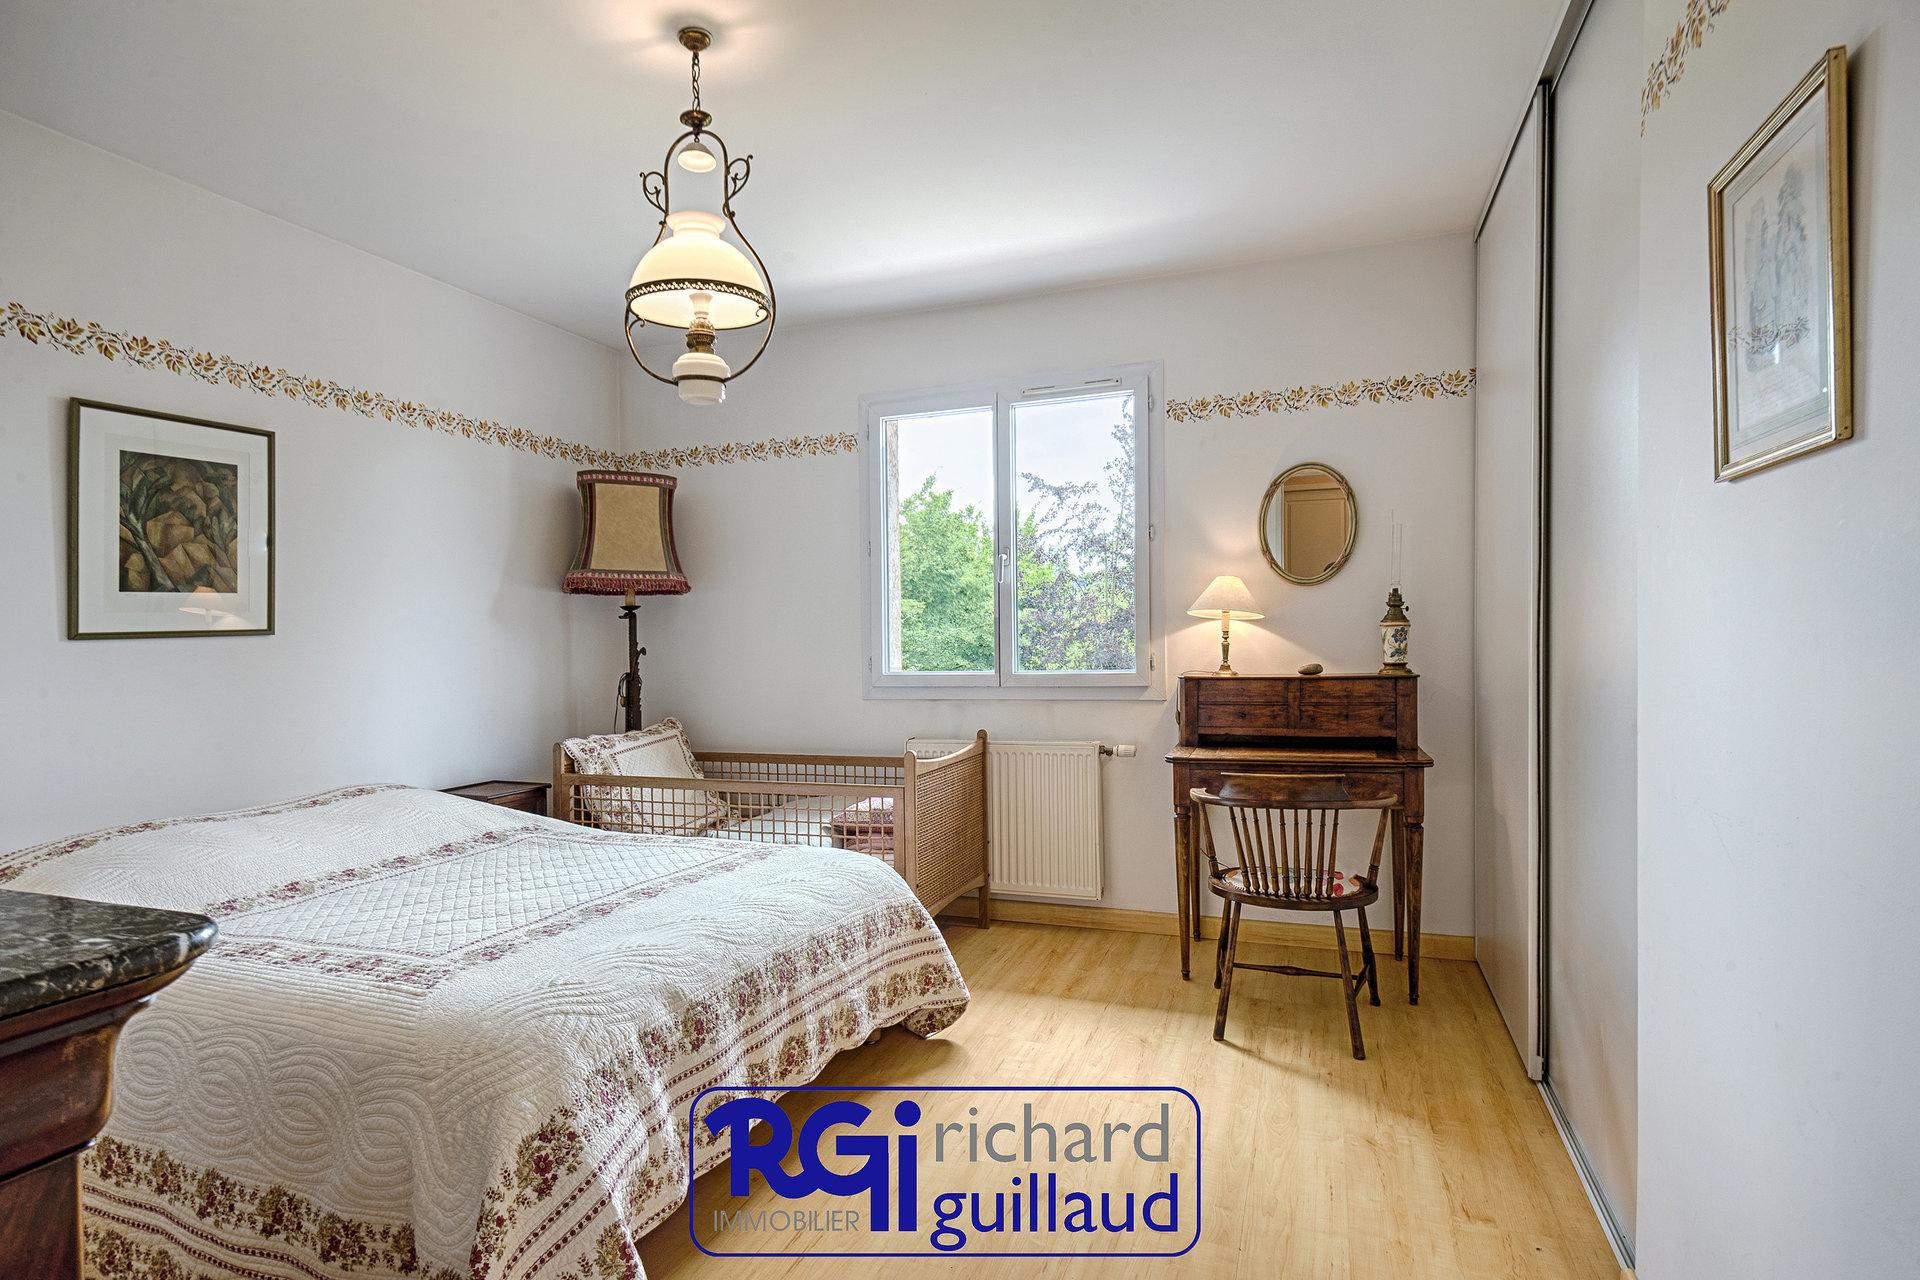 Maison  PLAIN-PIED 4 chambres + Garage double